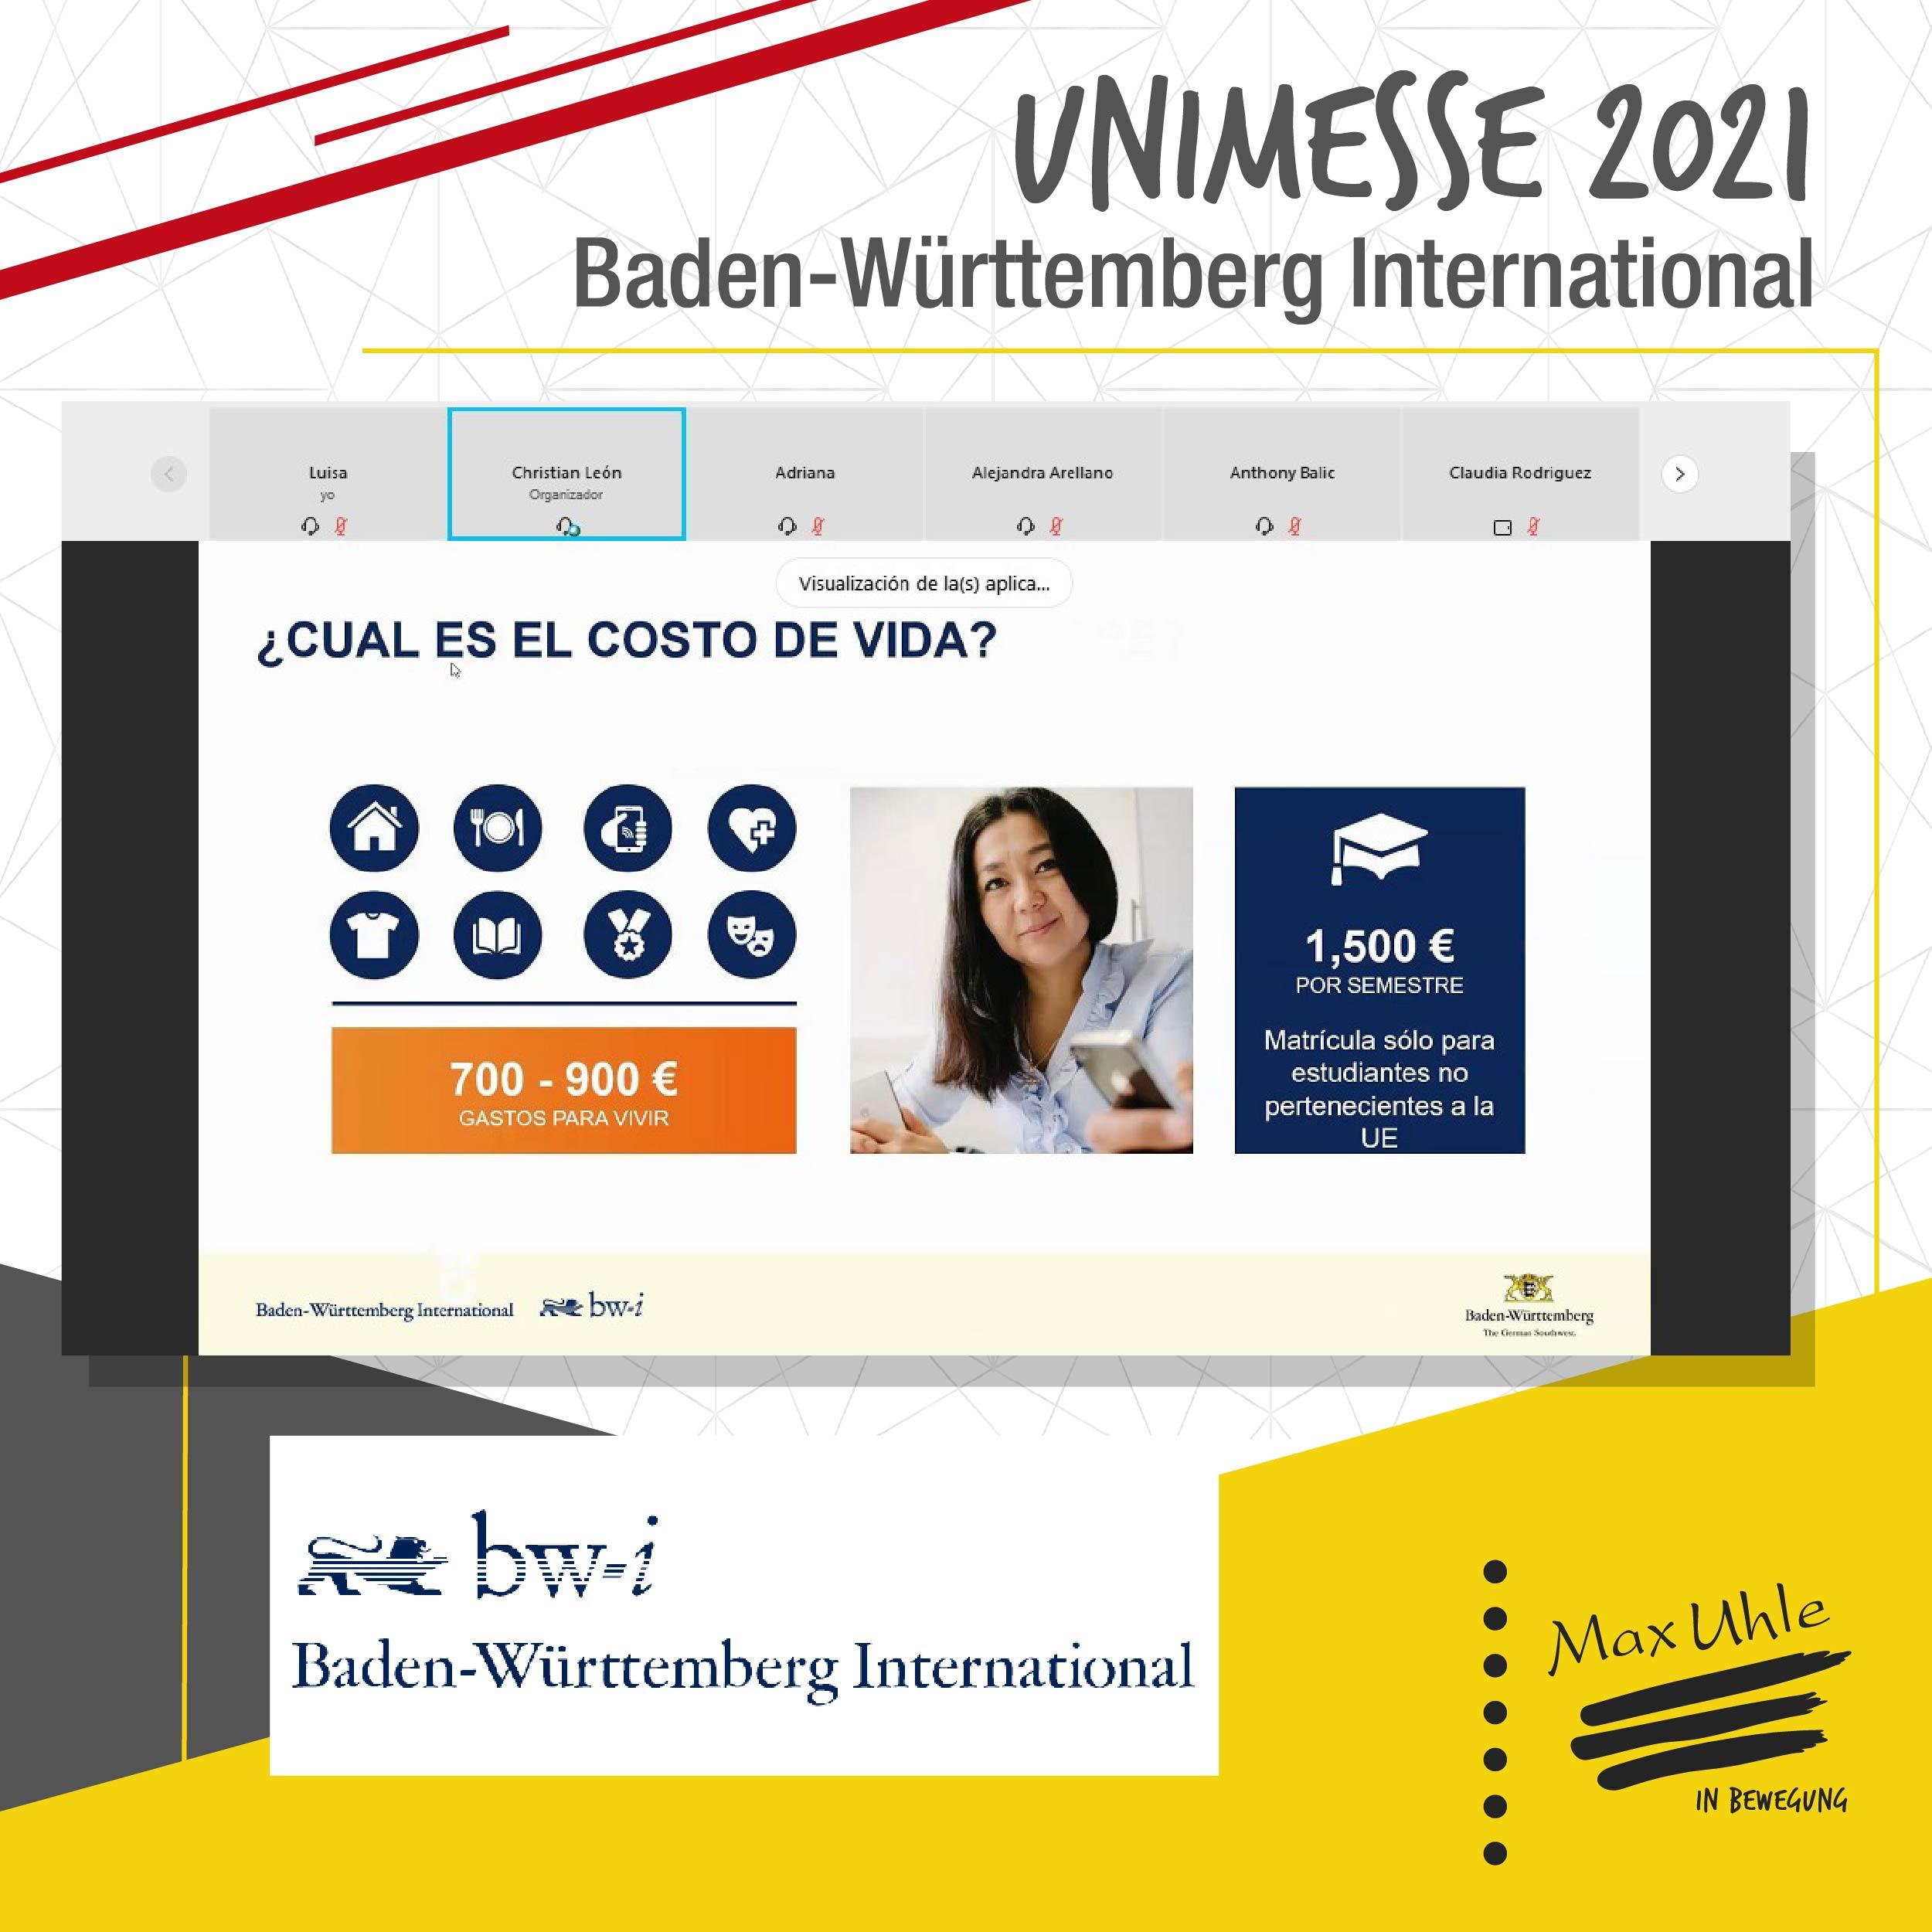 Baden - Unimesse 2021 Colegio Max Uhle